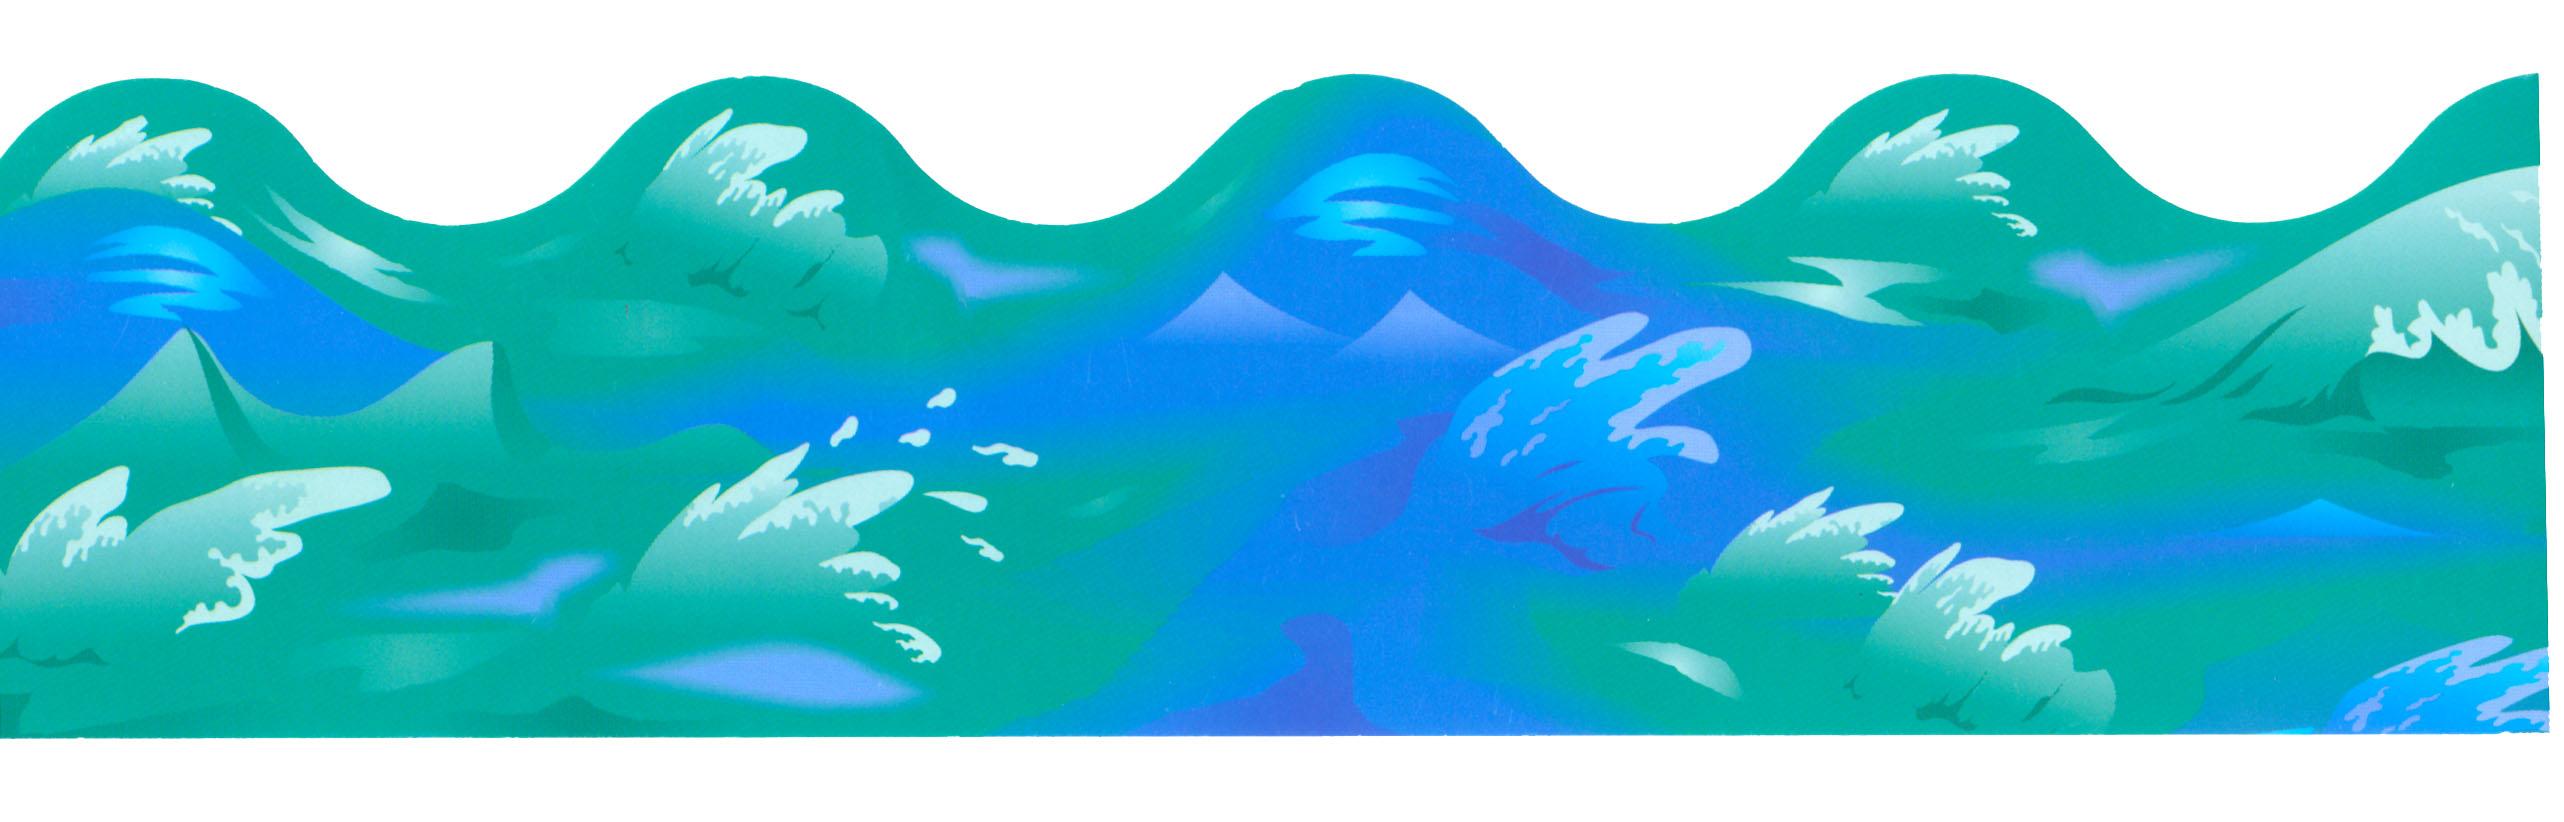 Clipart of ocean